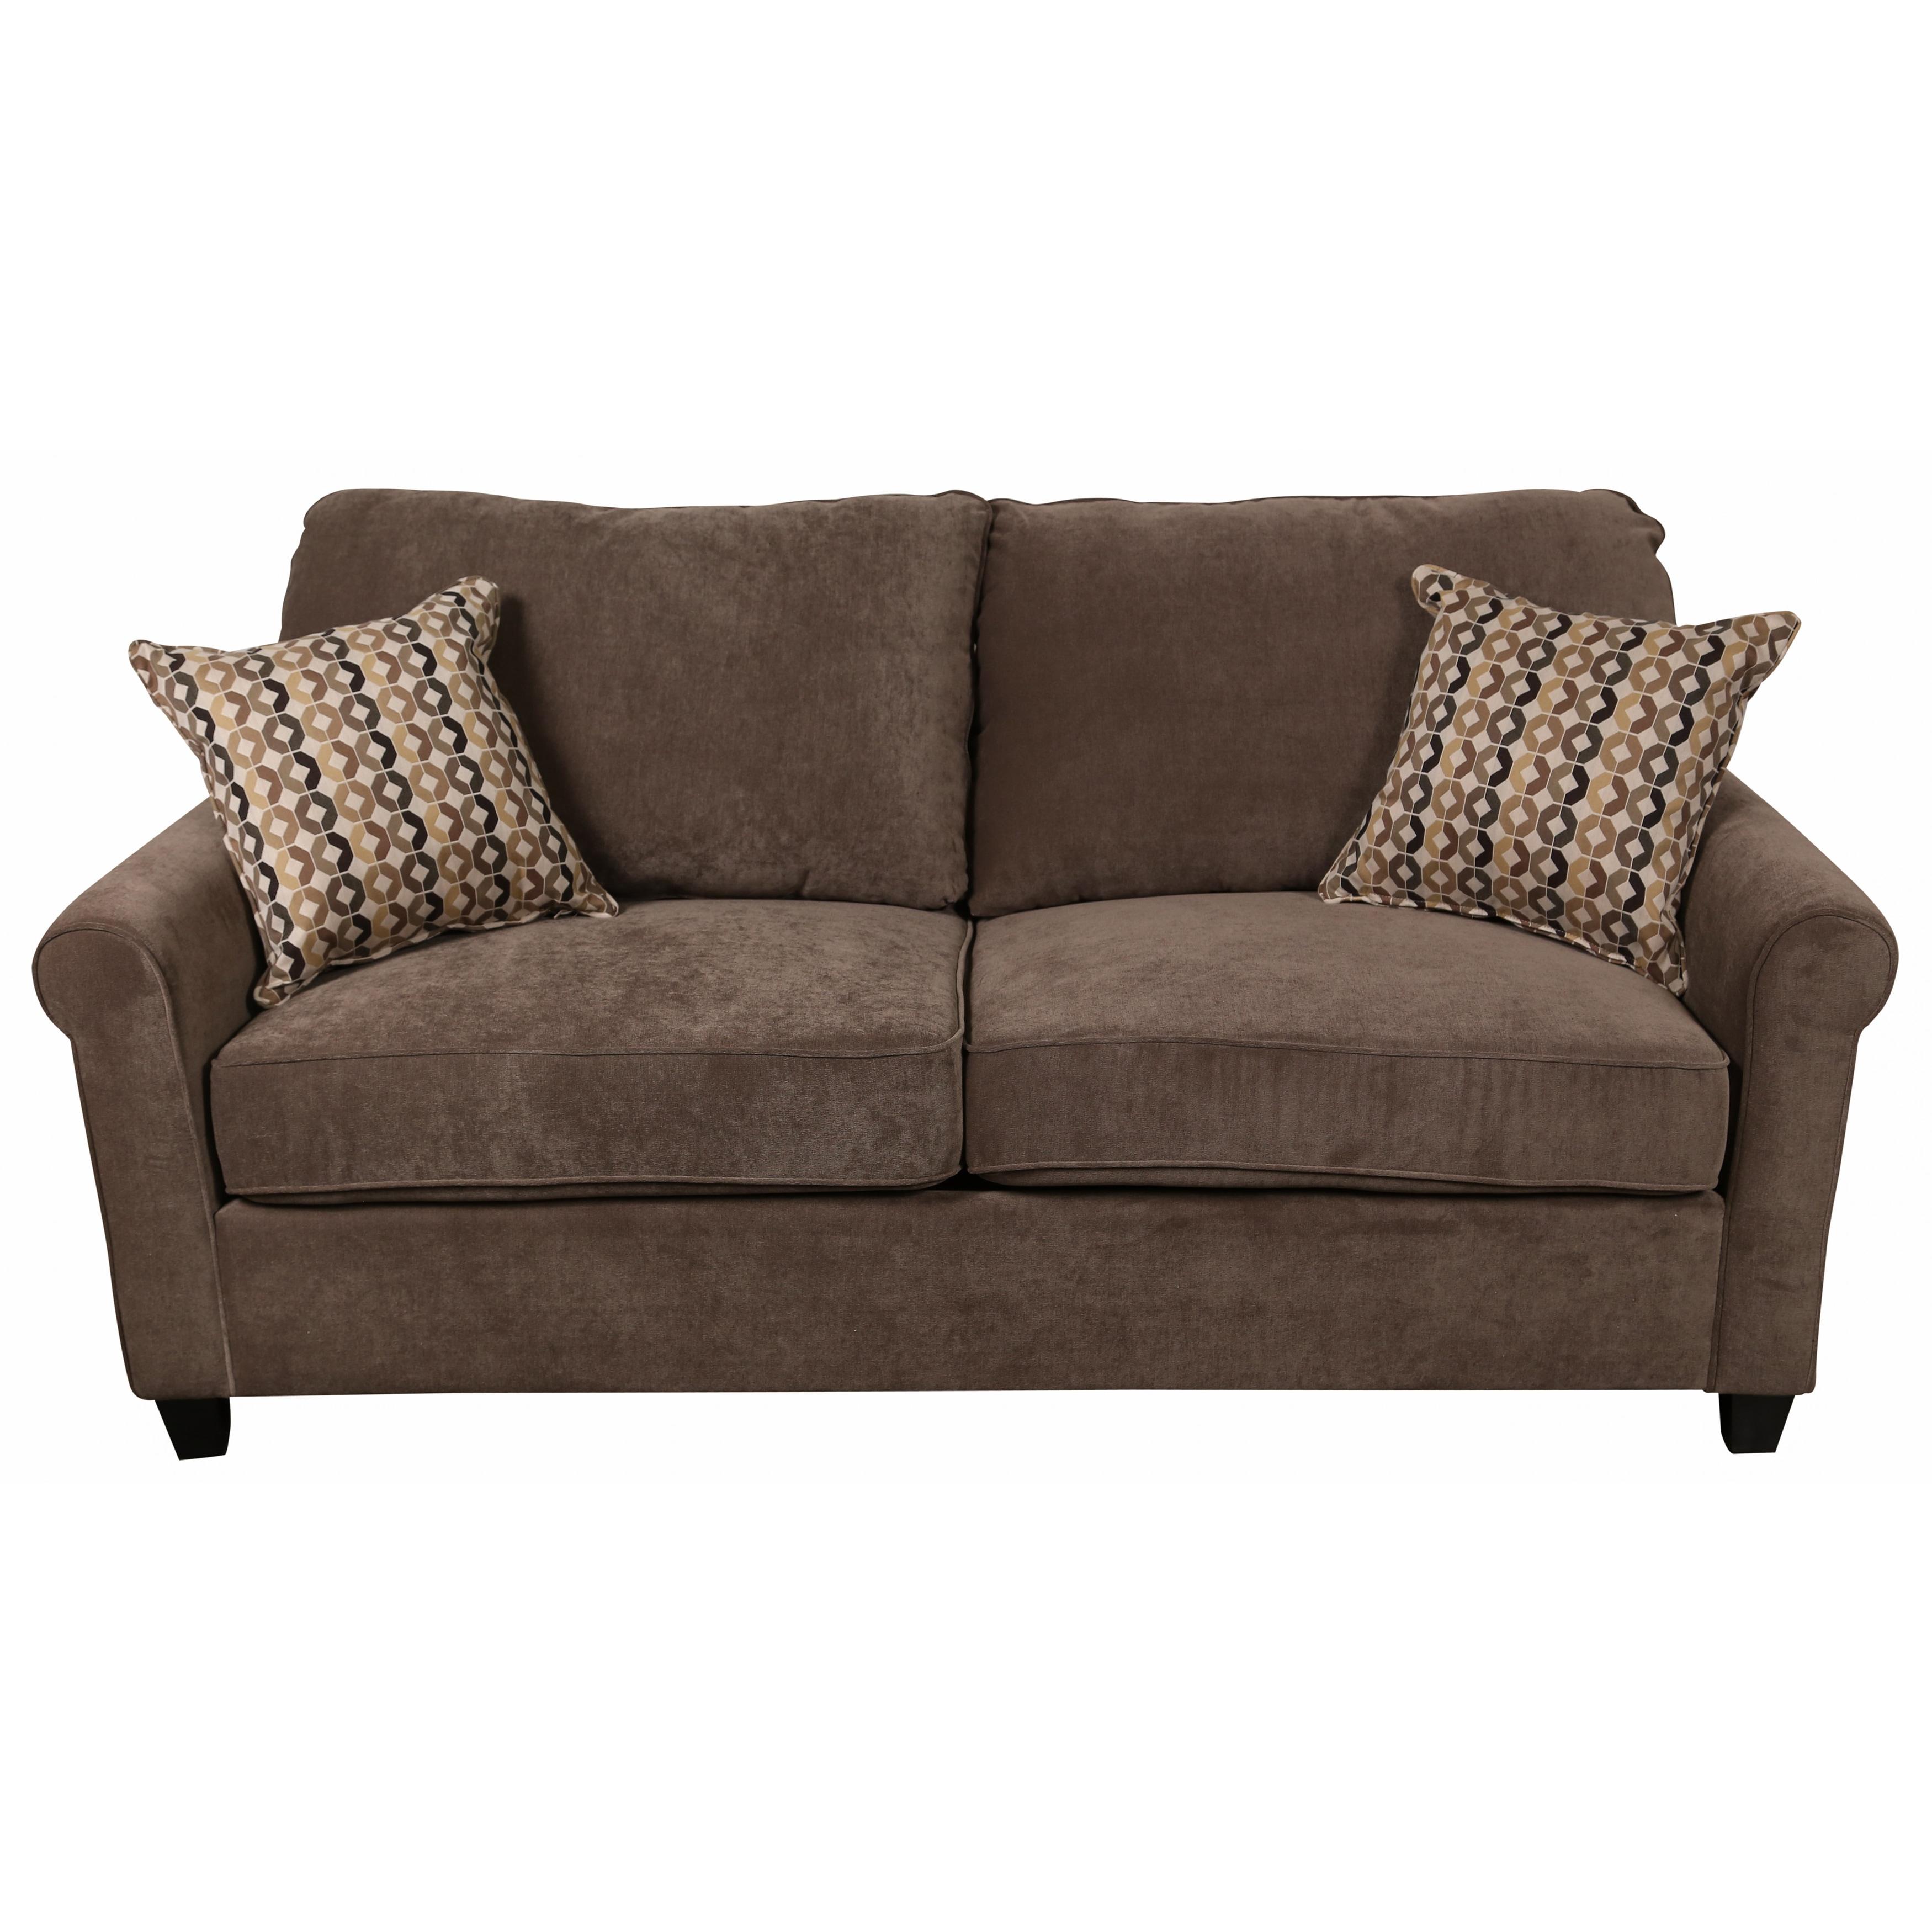 Porter Serena Warm Grey Microfiber Queen Sleeper Sofa wit...